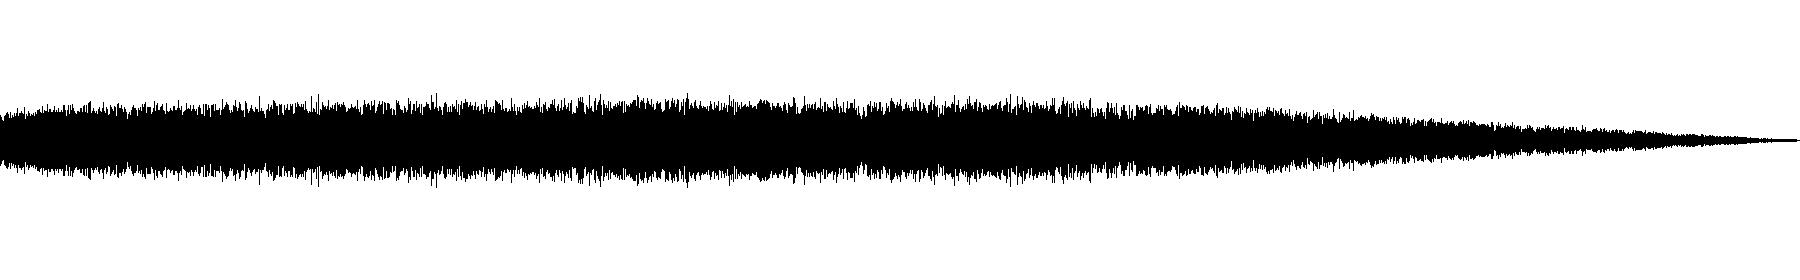 catastroficbit1